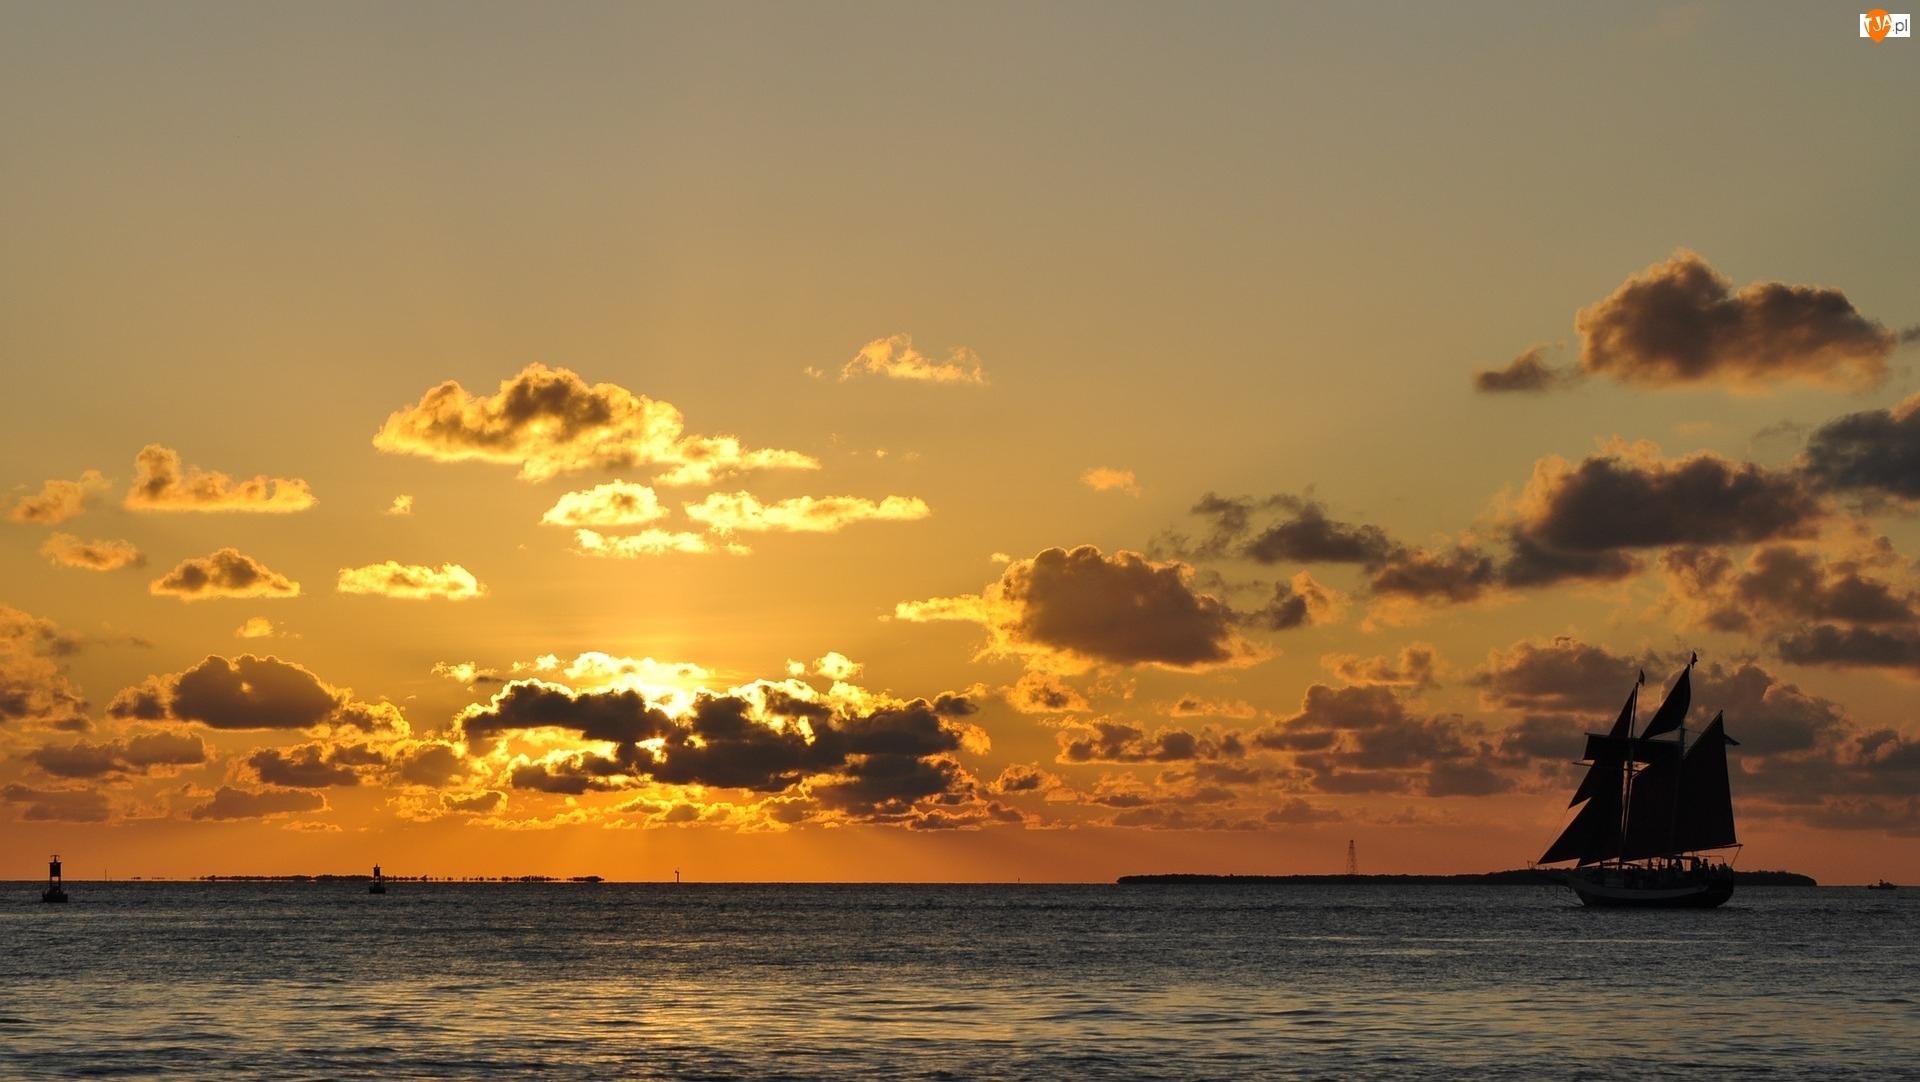 Morze, Chmury, Żaglowiec, Zachód słońca